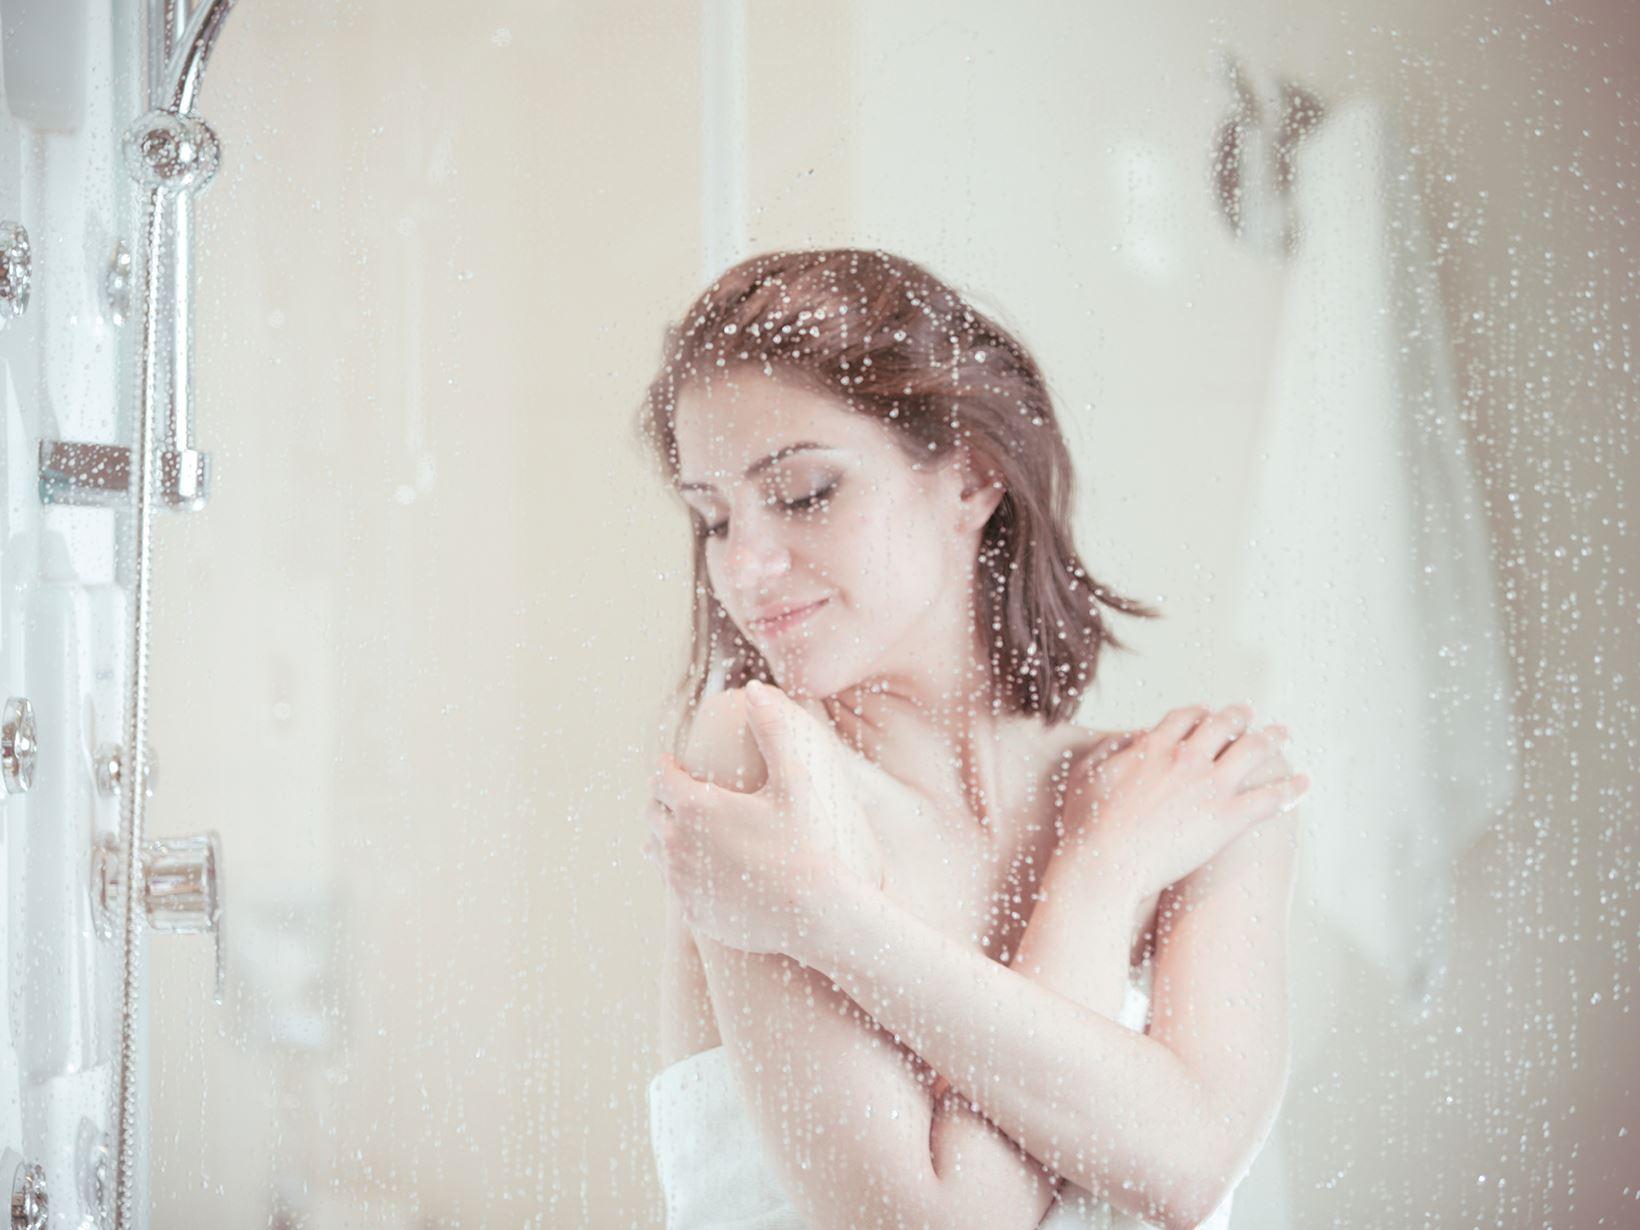 اضرار الاستحمام البارد فى الشتاء